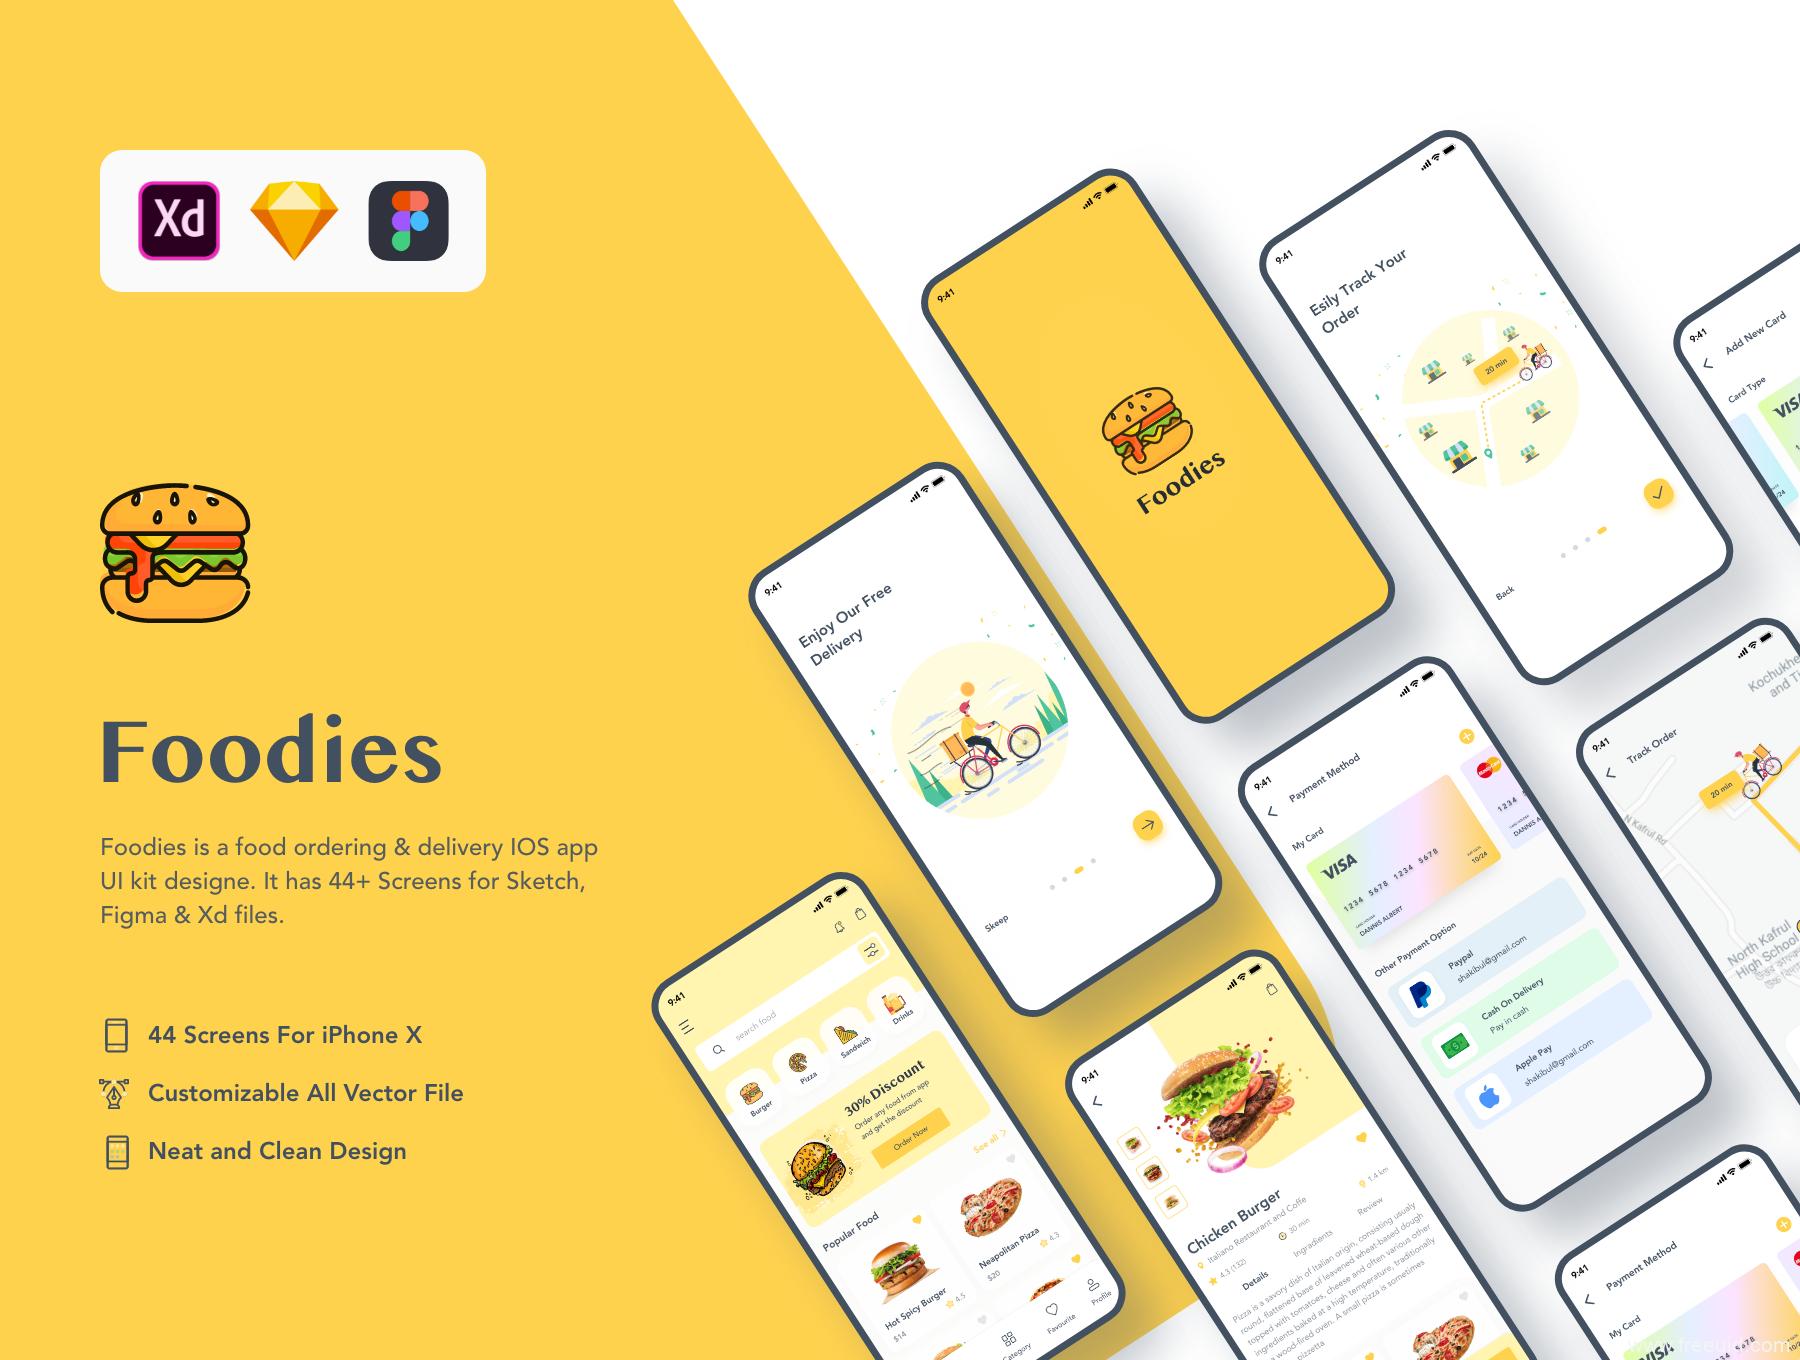 简约的插画风美食应用UI源文件下载,美食外卖APP UI资源下载,在线下单美食APP UI素材